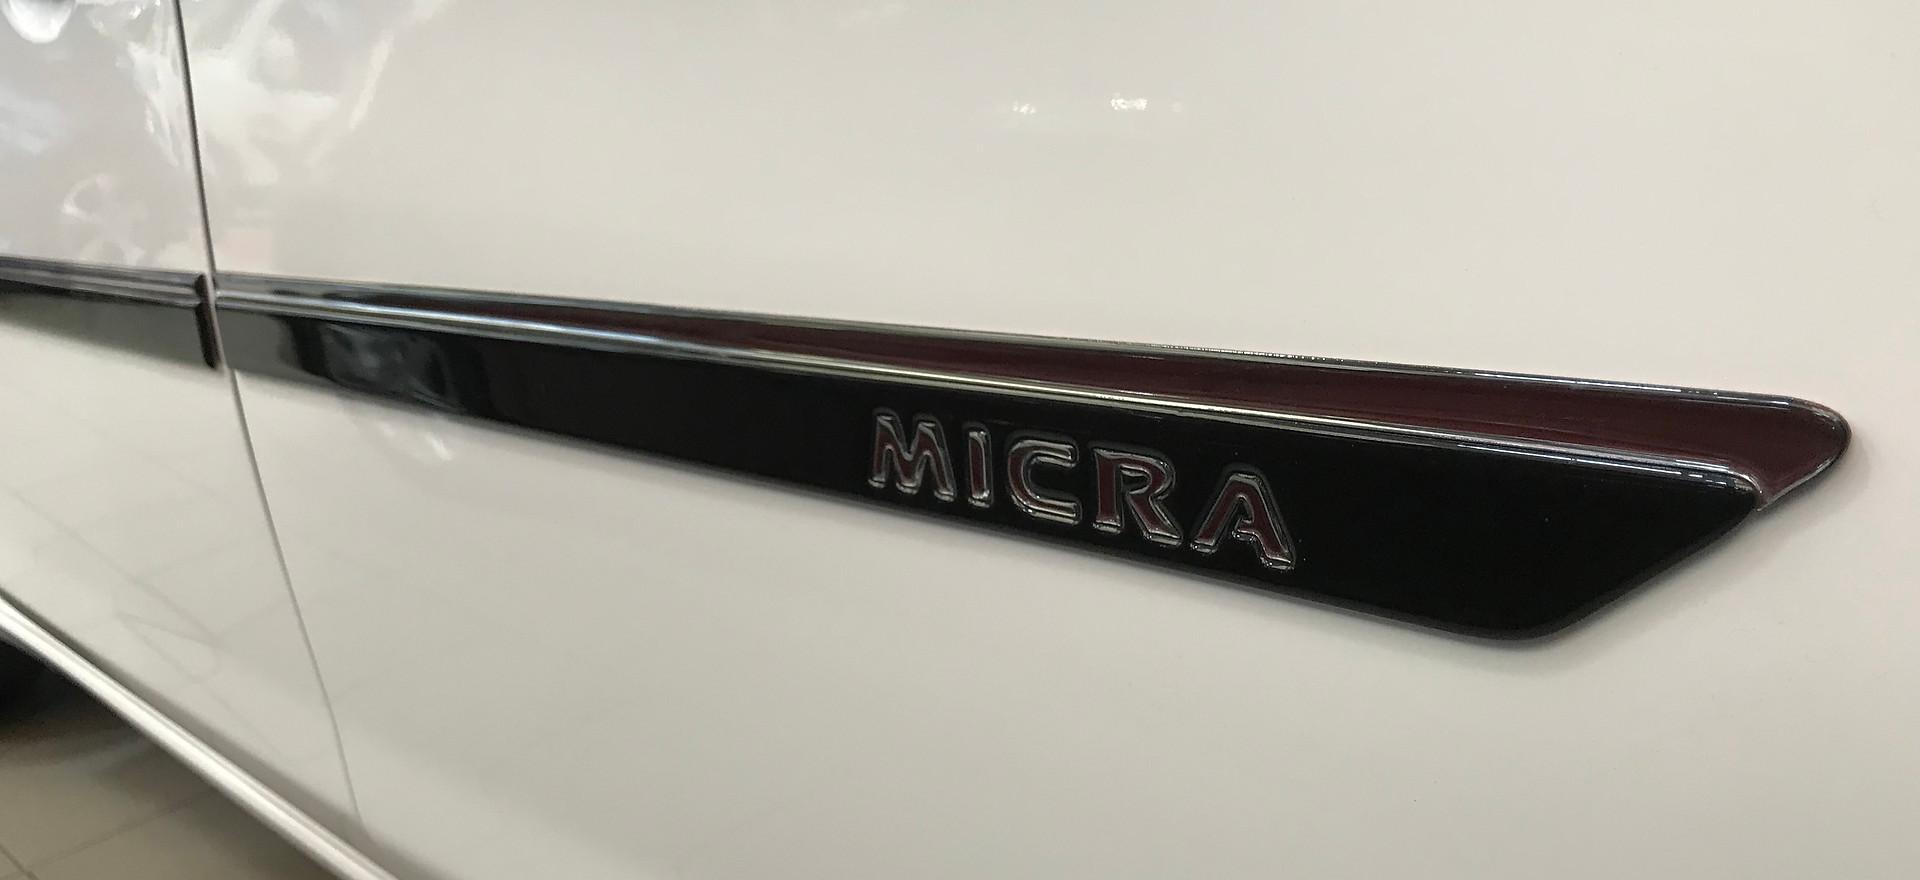 Moulure milieu de porte pour Nissan Micra